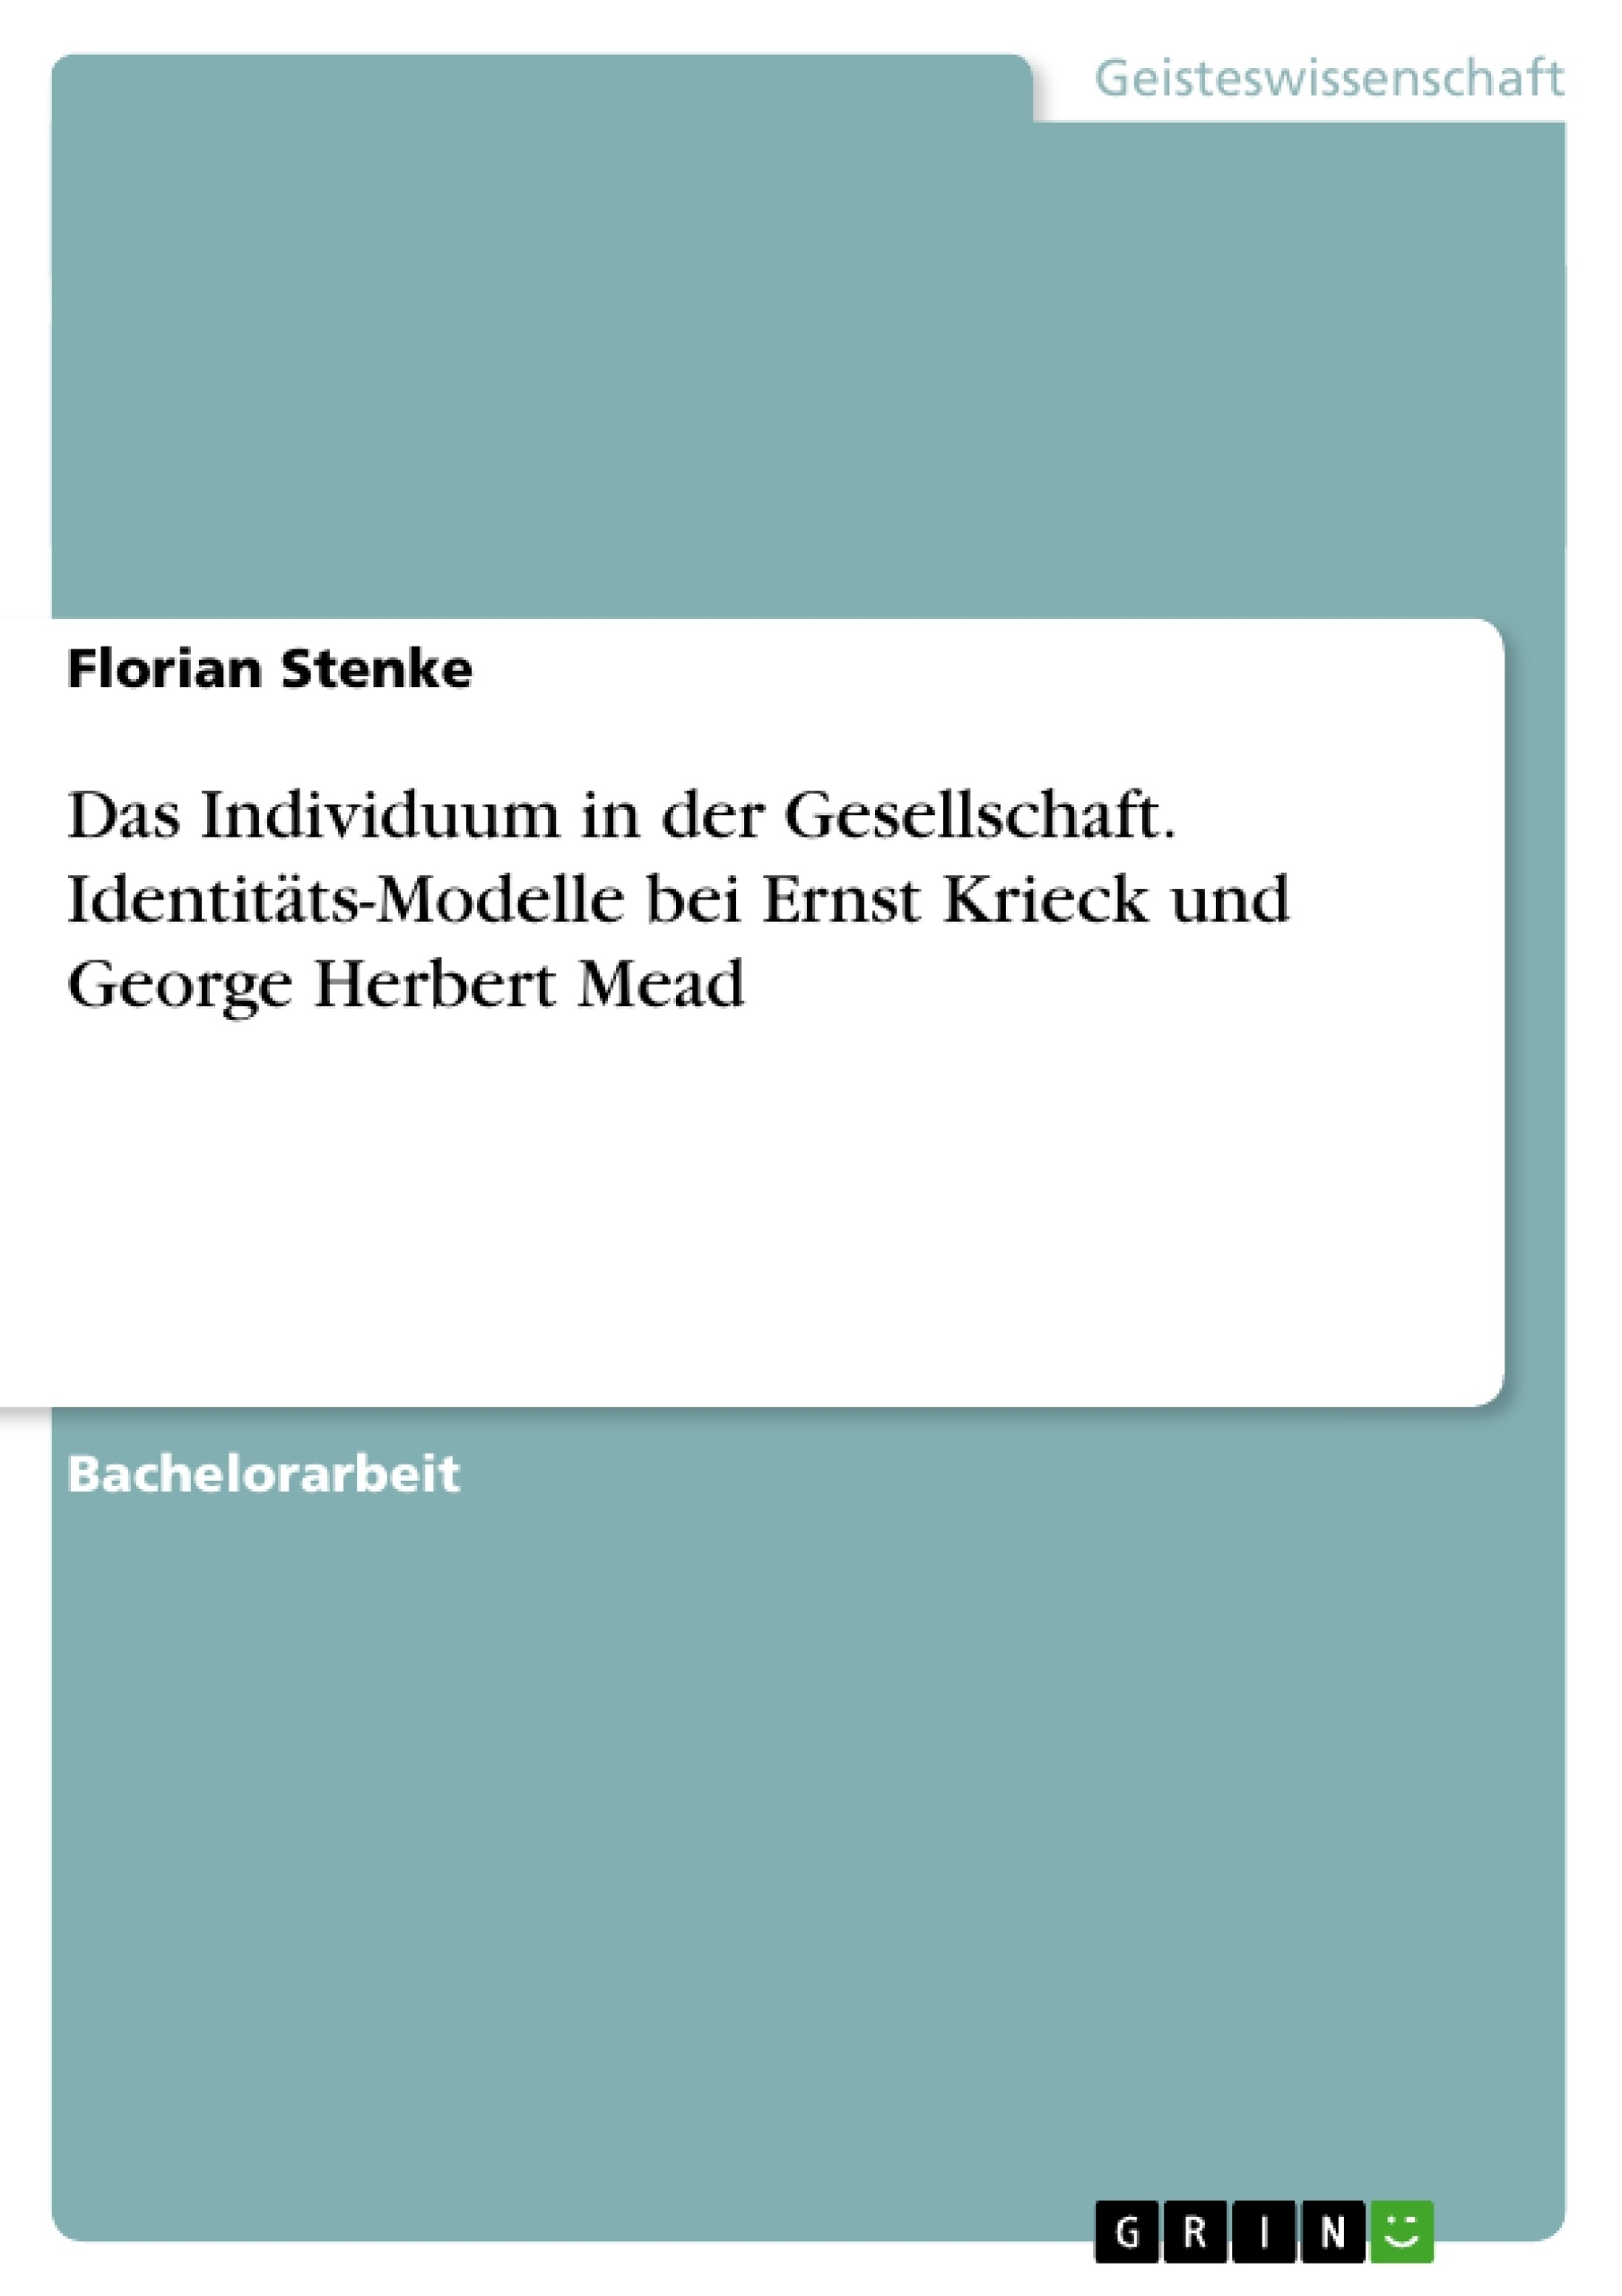 Titel: Das Individuum in der Gesellschaft. Identitäts-Modelle bei Ernst Krieck und George Herbert Mead